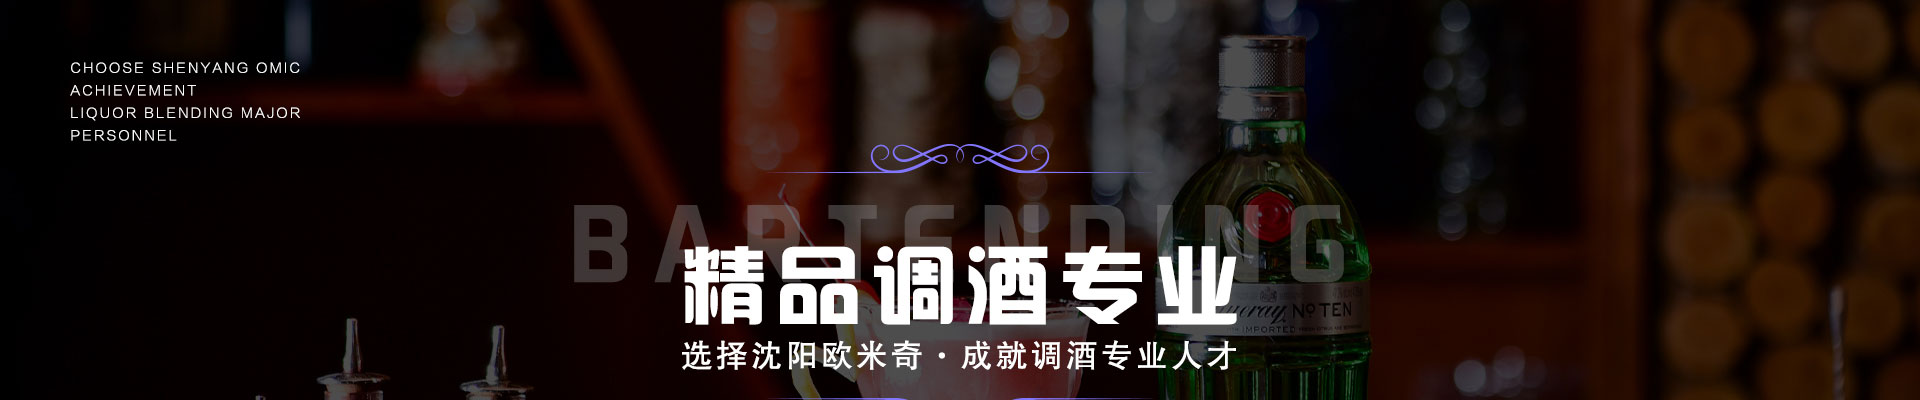 酒吧酒水知识培训_调酒培训学校_精品调酒专业_沈阳欧米奇国际西点西餐学院官网